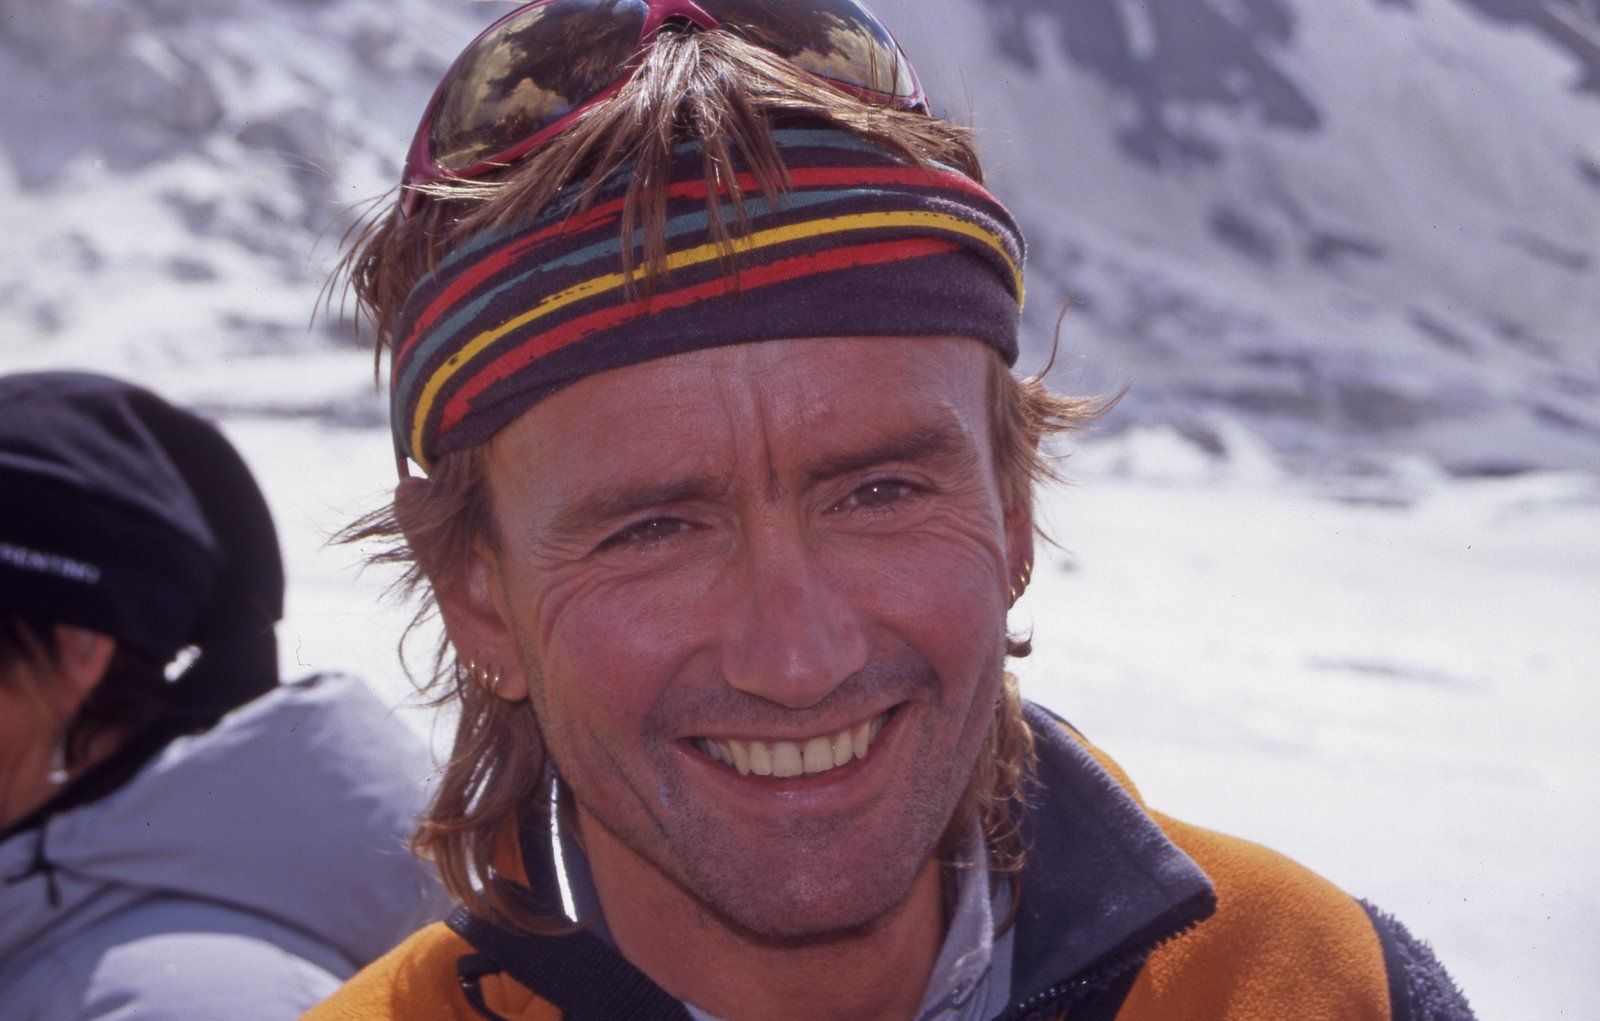 Iñaki Ochoa De Olza (1967 - 2008). Alpinista navarro que ascendió 12 ochomiles. Falleció el 23 de mayo de 2008, durante la ascensión al Annapurna mientras se movilizaba un espectacular intento de salvamento.